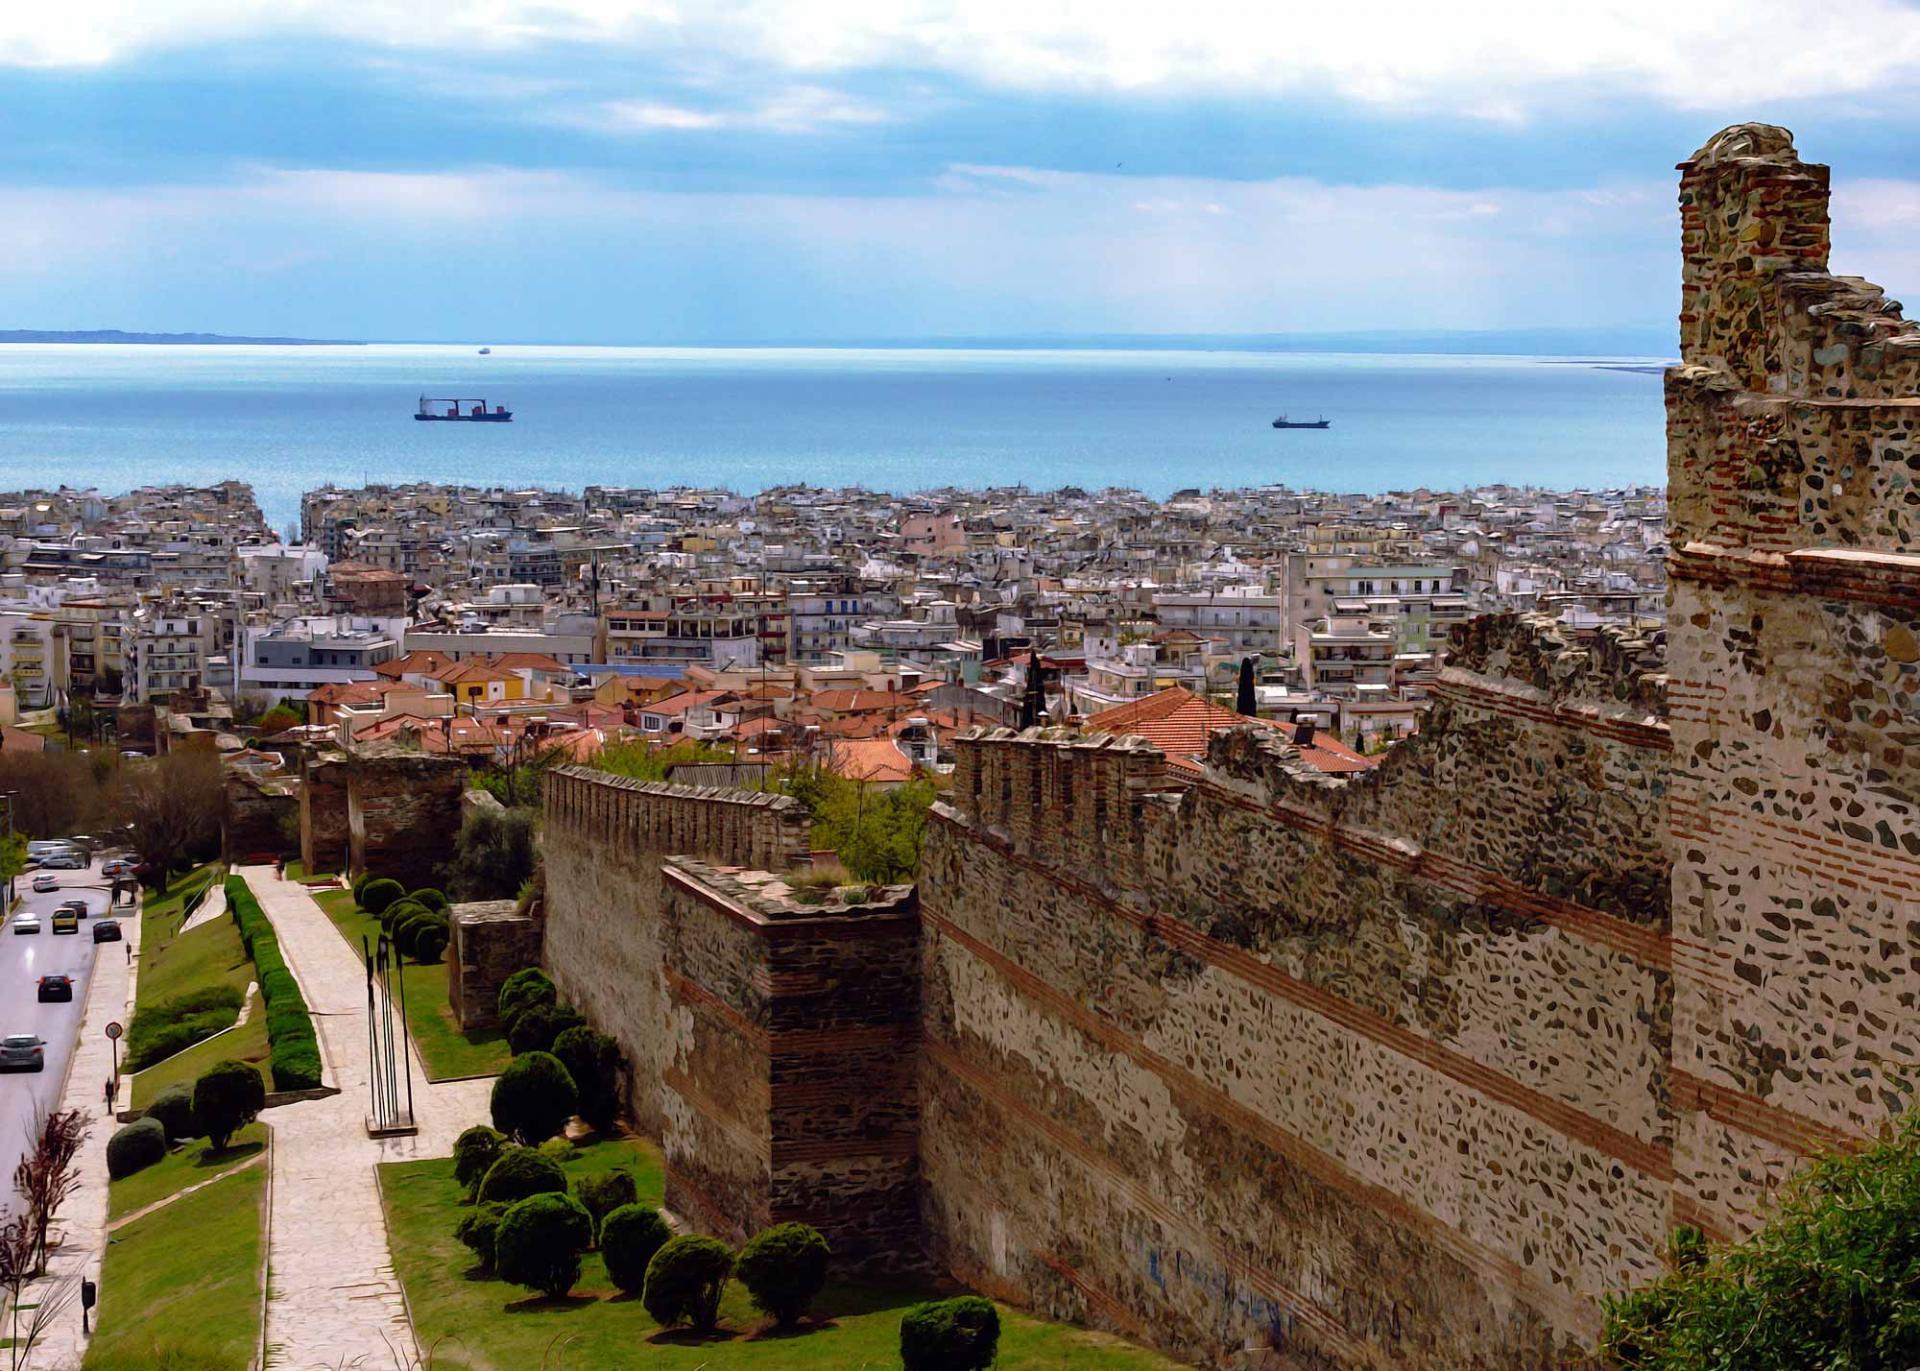 крепостные стены города Салоники на экскурсии по Салоникам